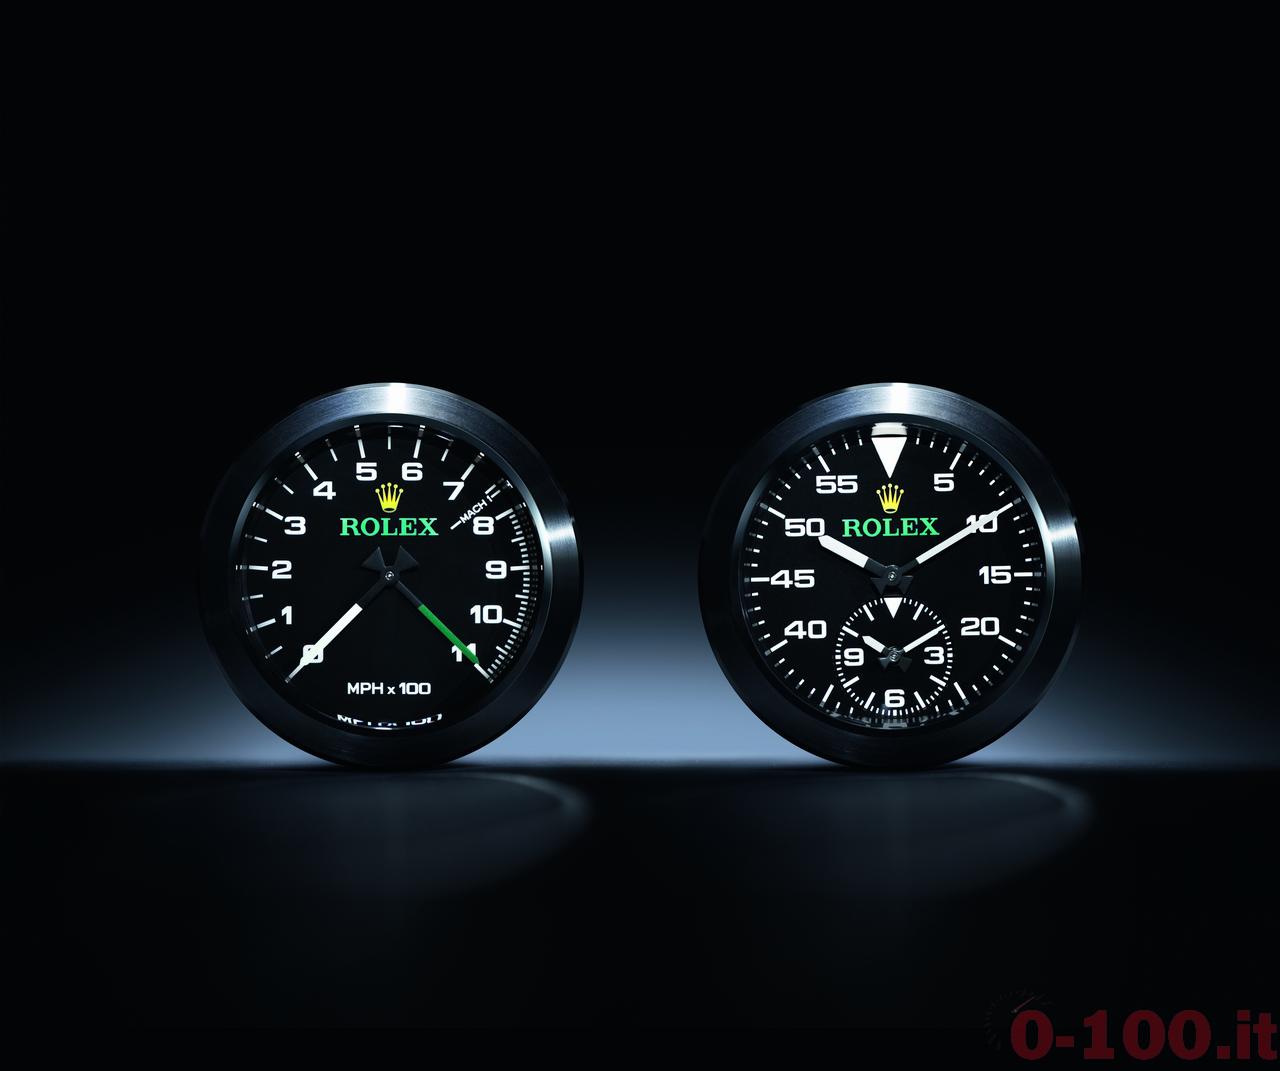 la-supersonica-bloodhound-ssc-con-cruscotto-rolex-record-mondiale-di-velocita-terrestre _0-1005